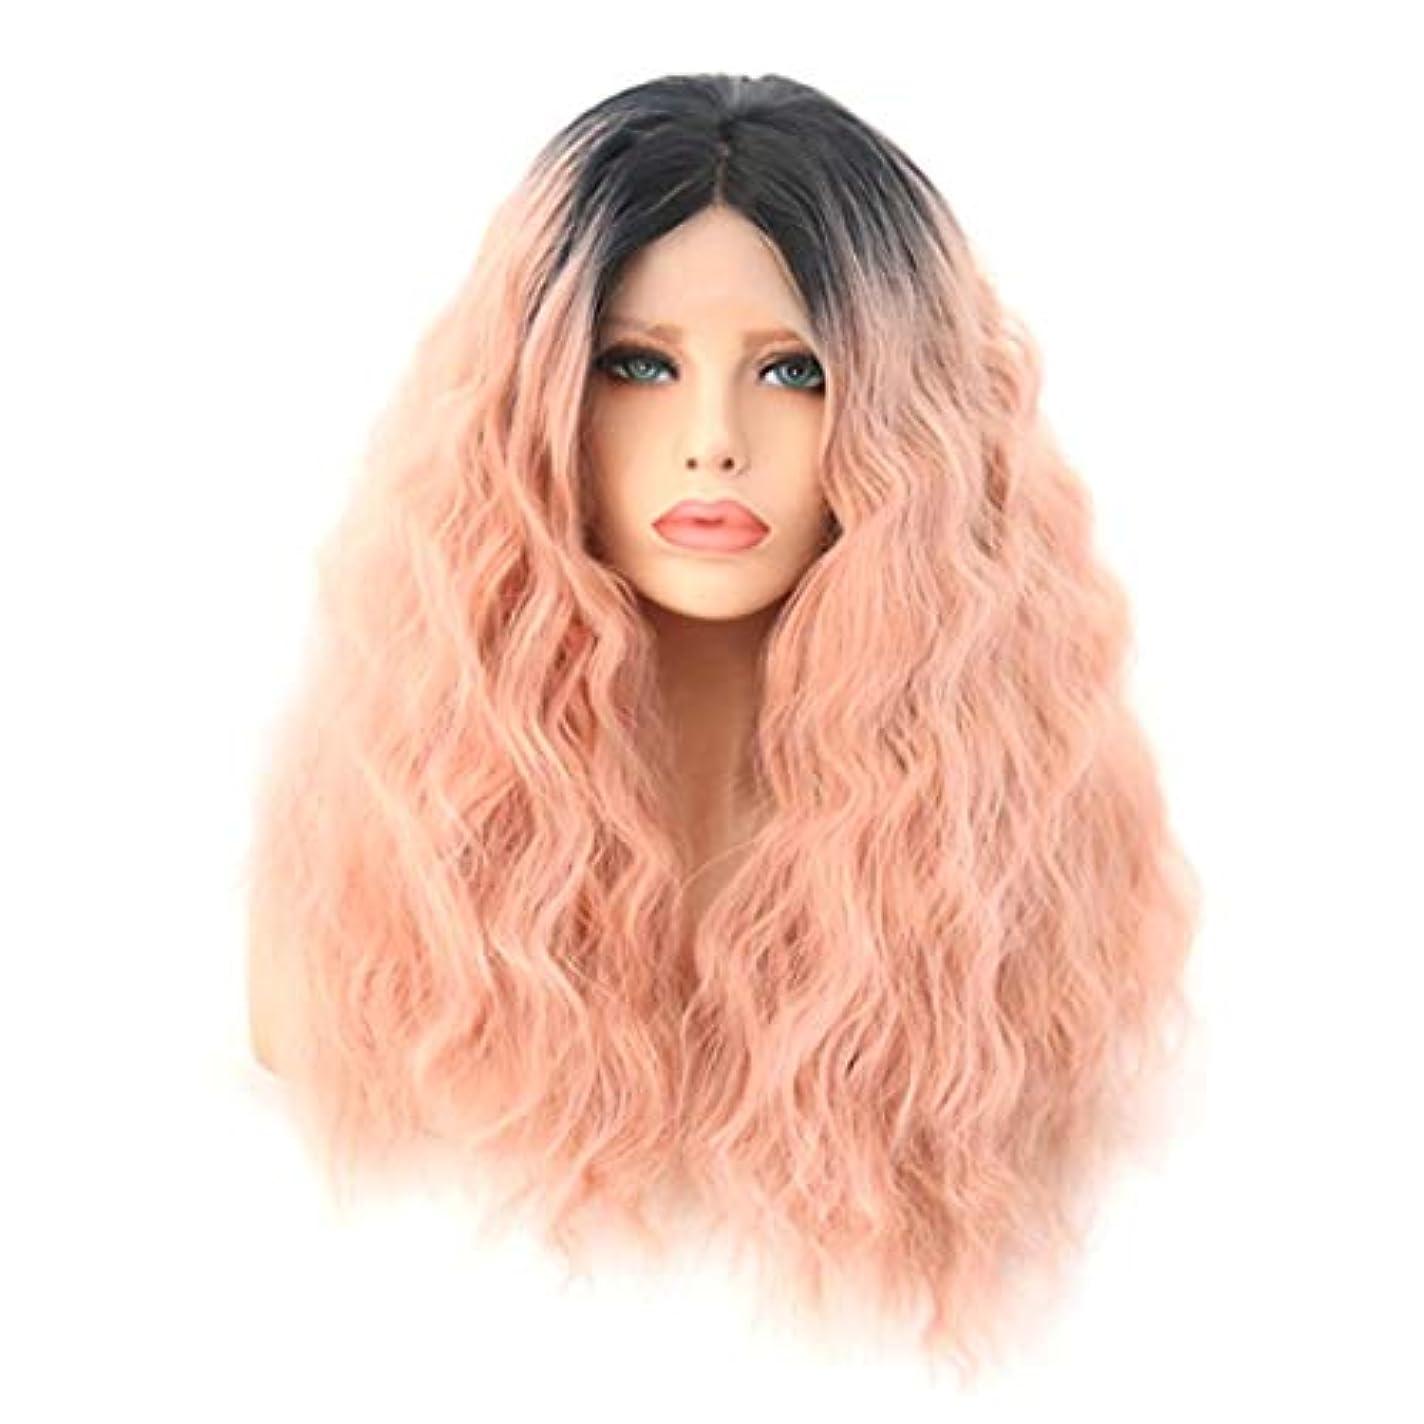 裏切り和らげるシャーKerwinner 女性のための自然な探している前部レースの合成繊維の毛髪のかつらと長い巻き毛のかつらのかつらの代わりのかつら (Size : 18 inches)